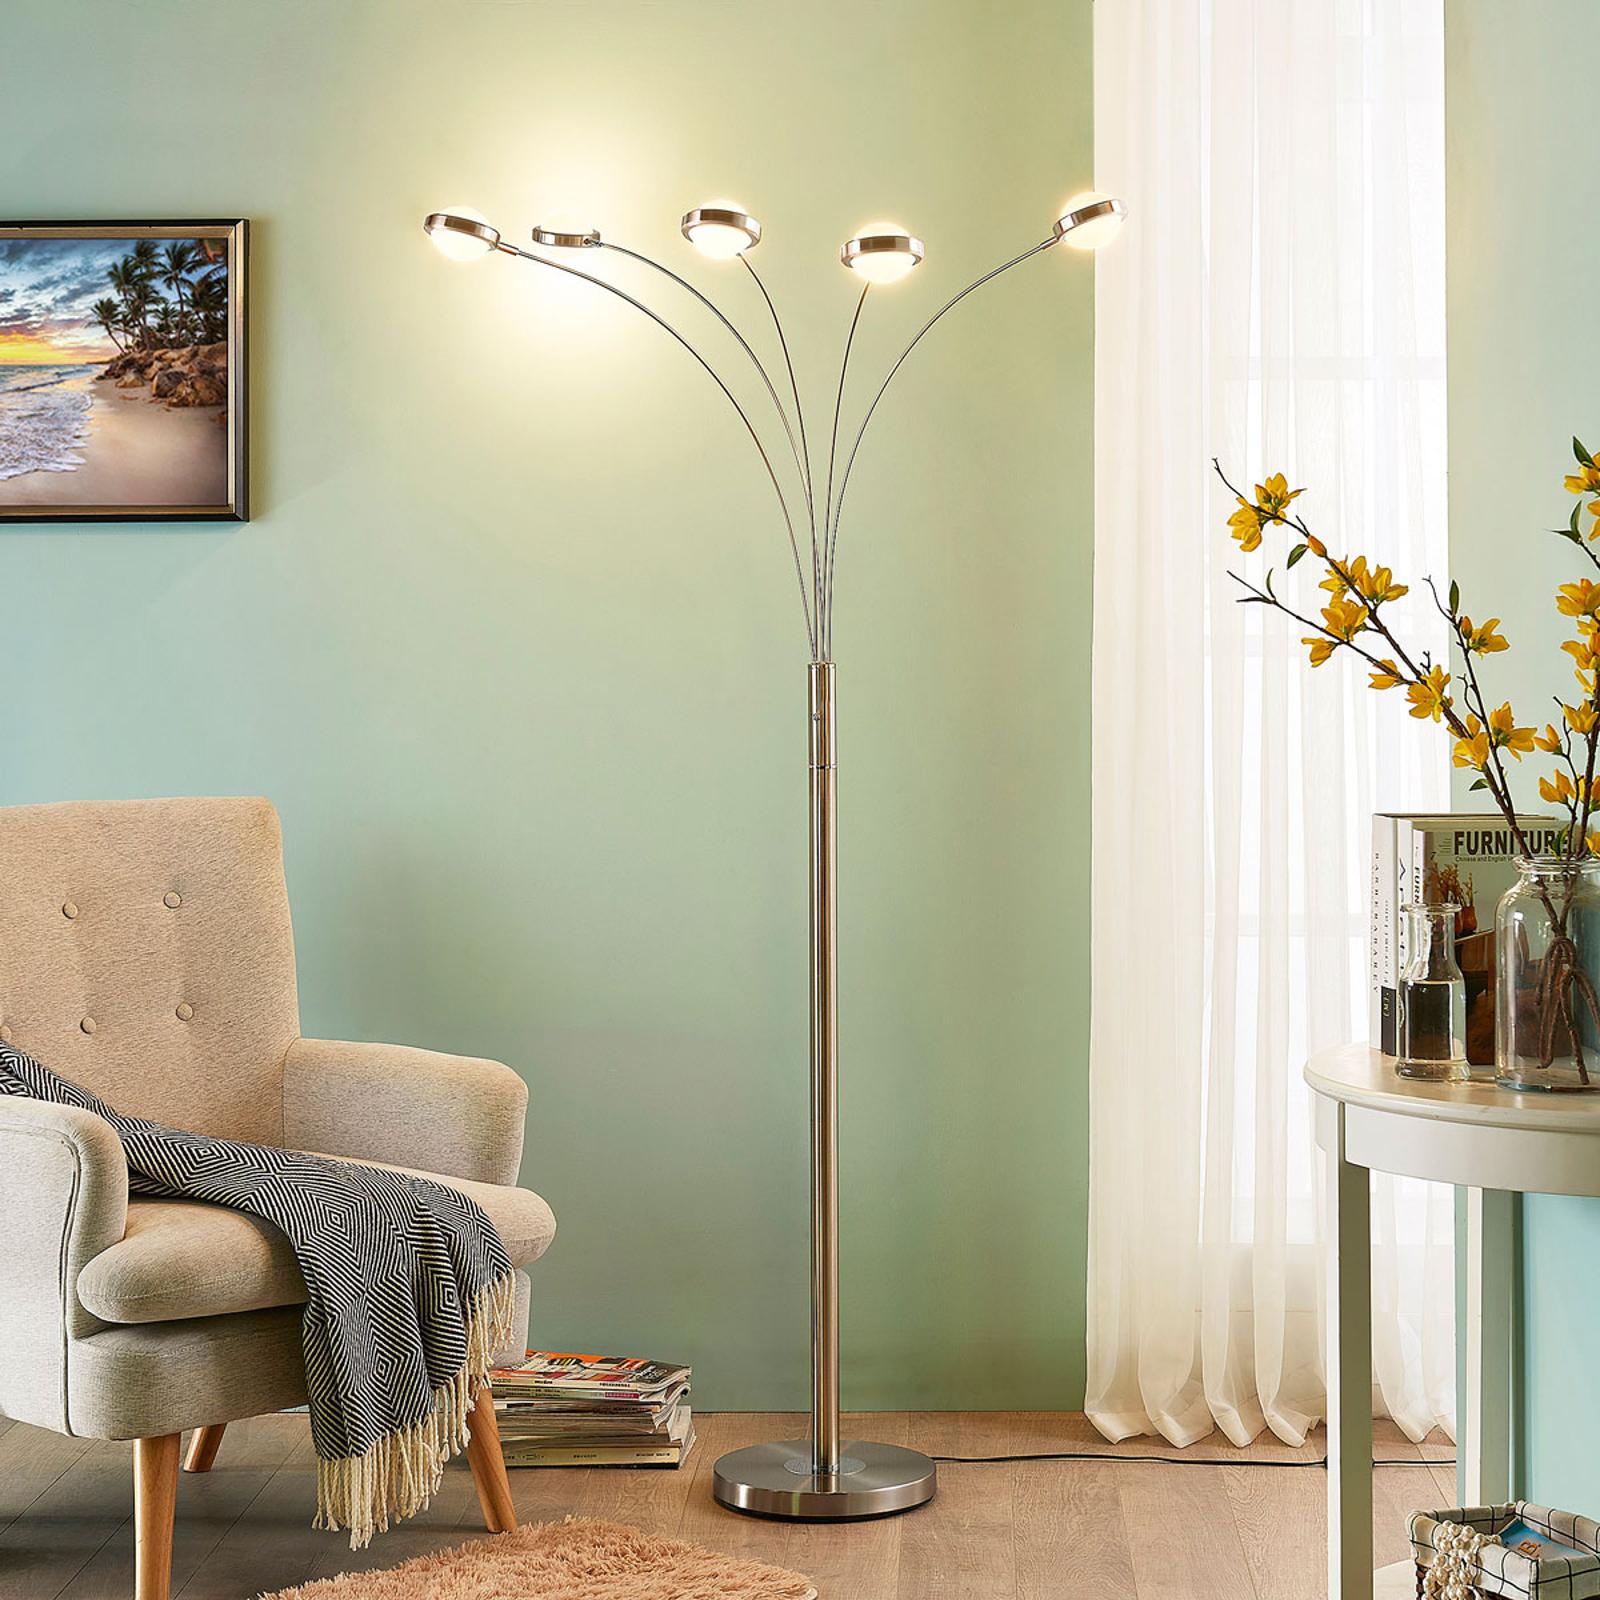 Lampada LED da terra a 5 luci Catriona con dimmer